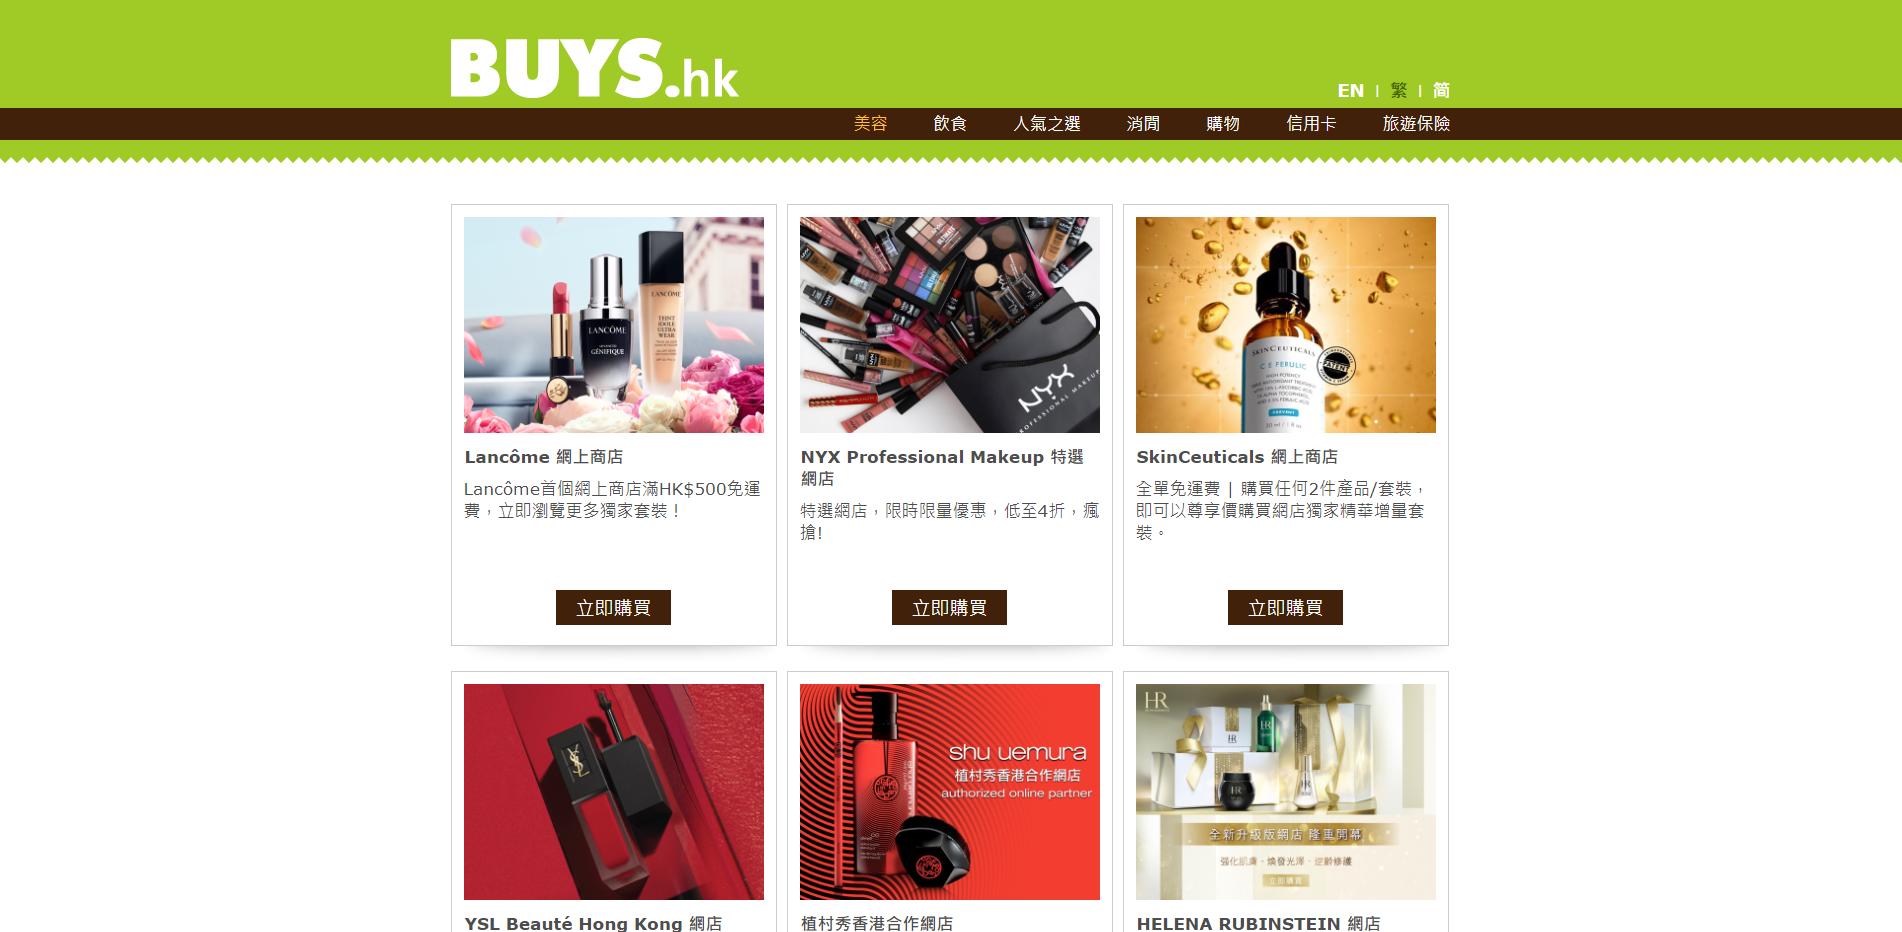 香港主流銷售平台 BUYS.hk